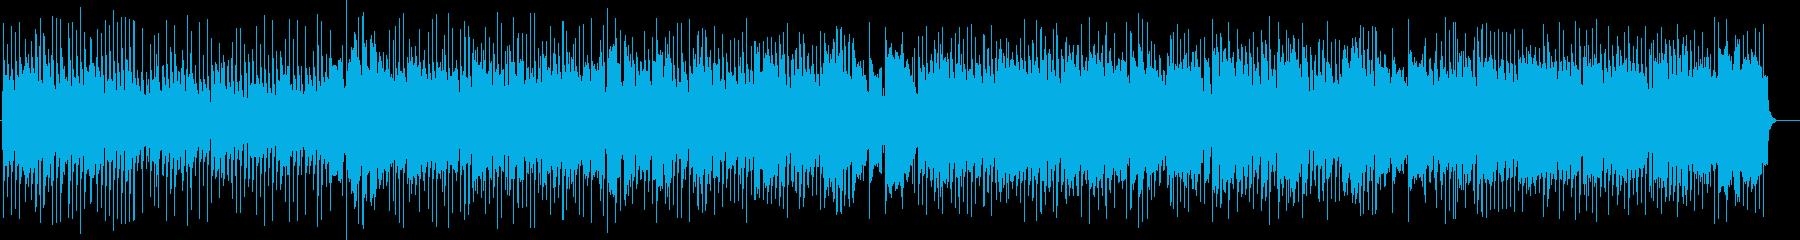 映像作品向け:ノリが良いピアノのブギ―の再生済みの波形